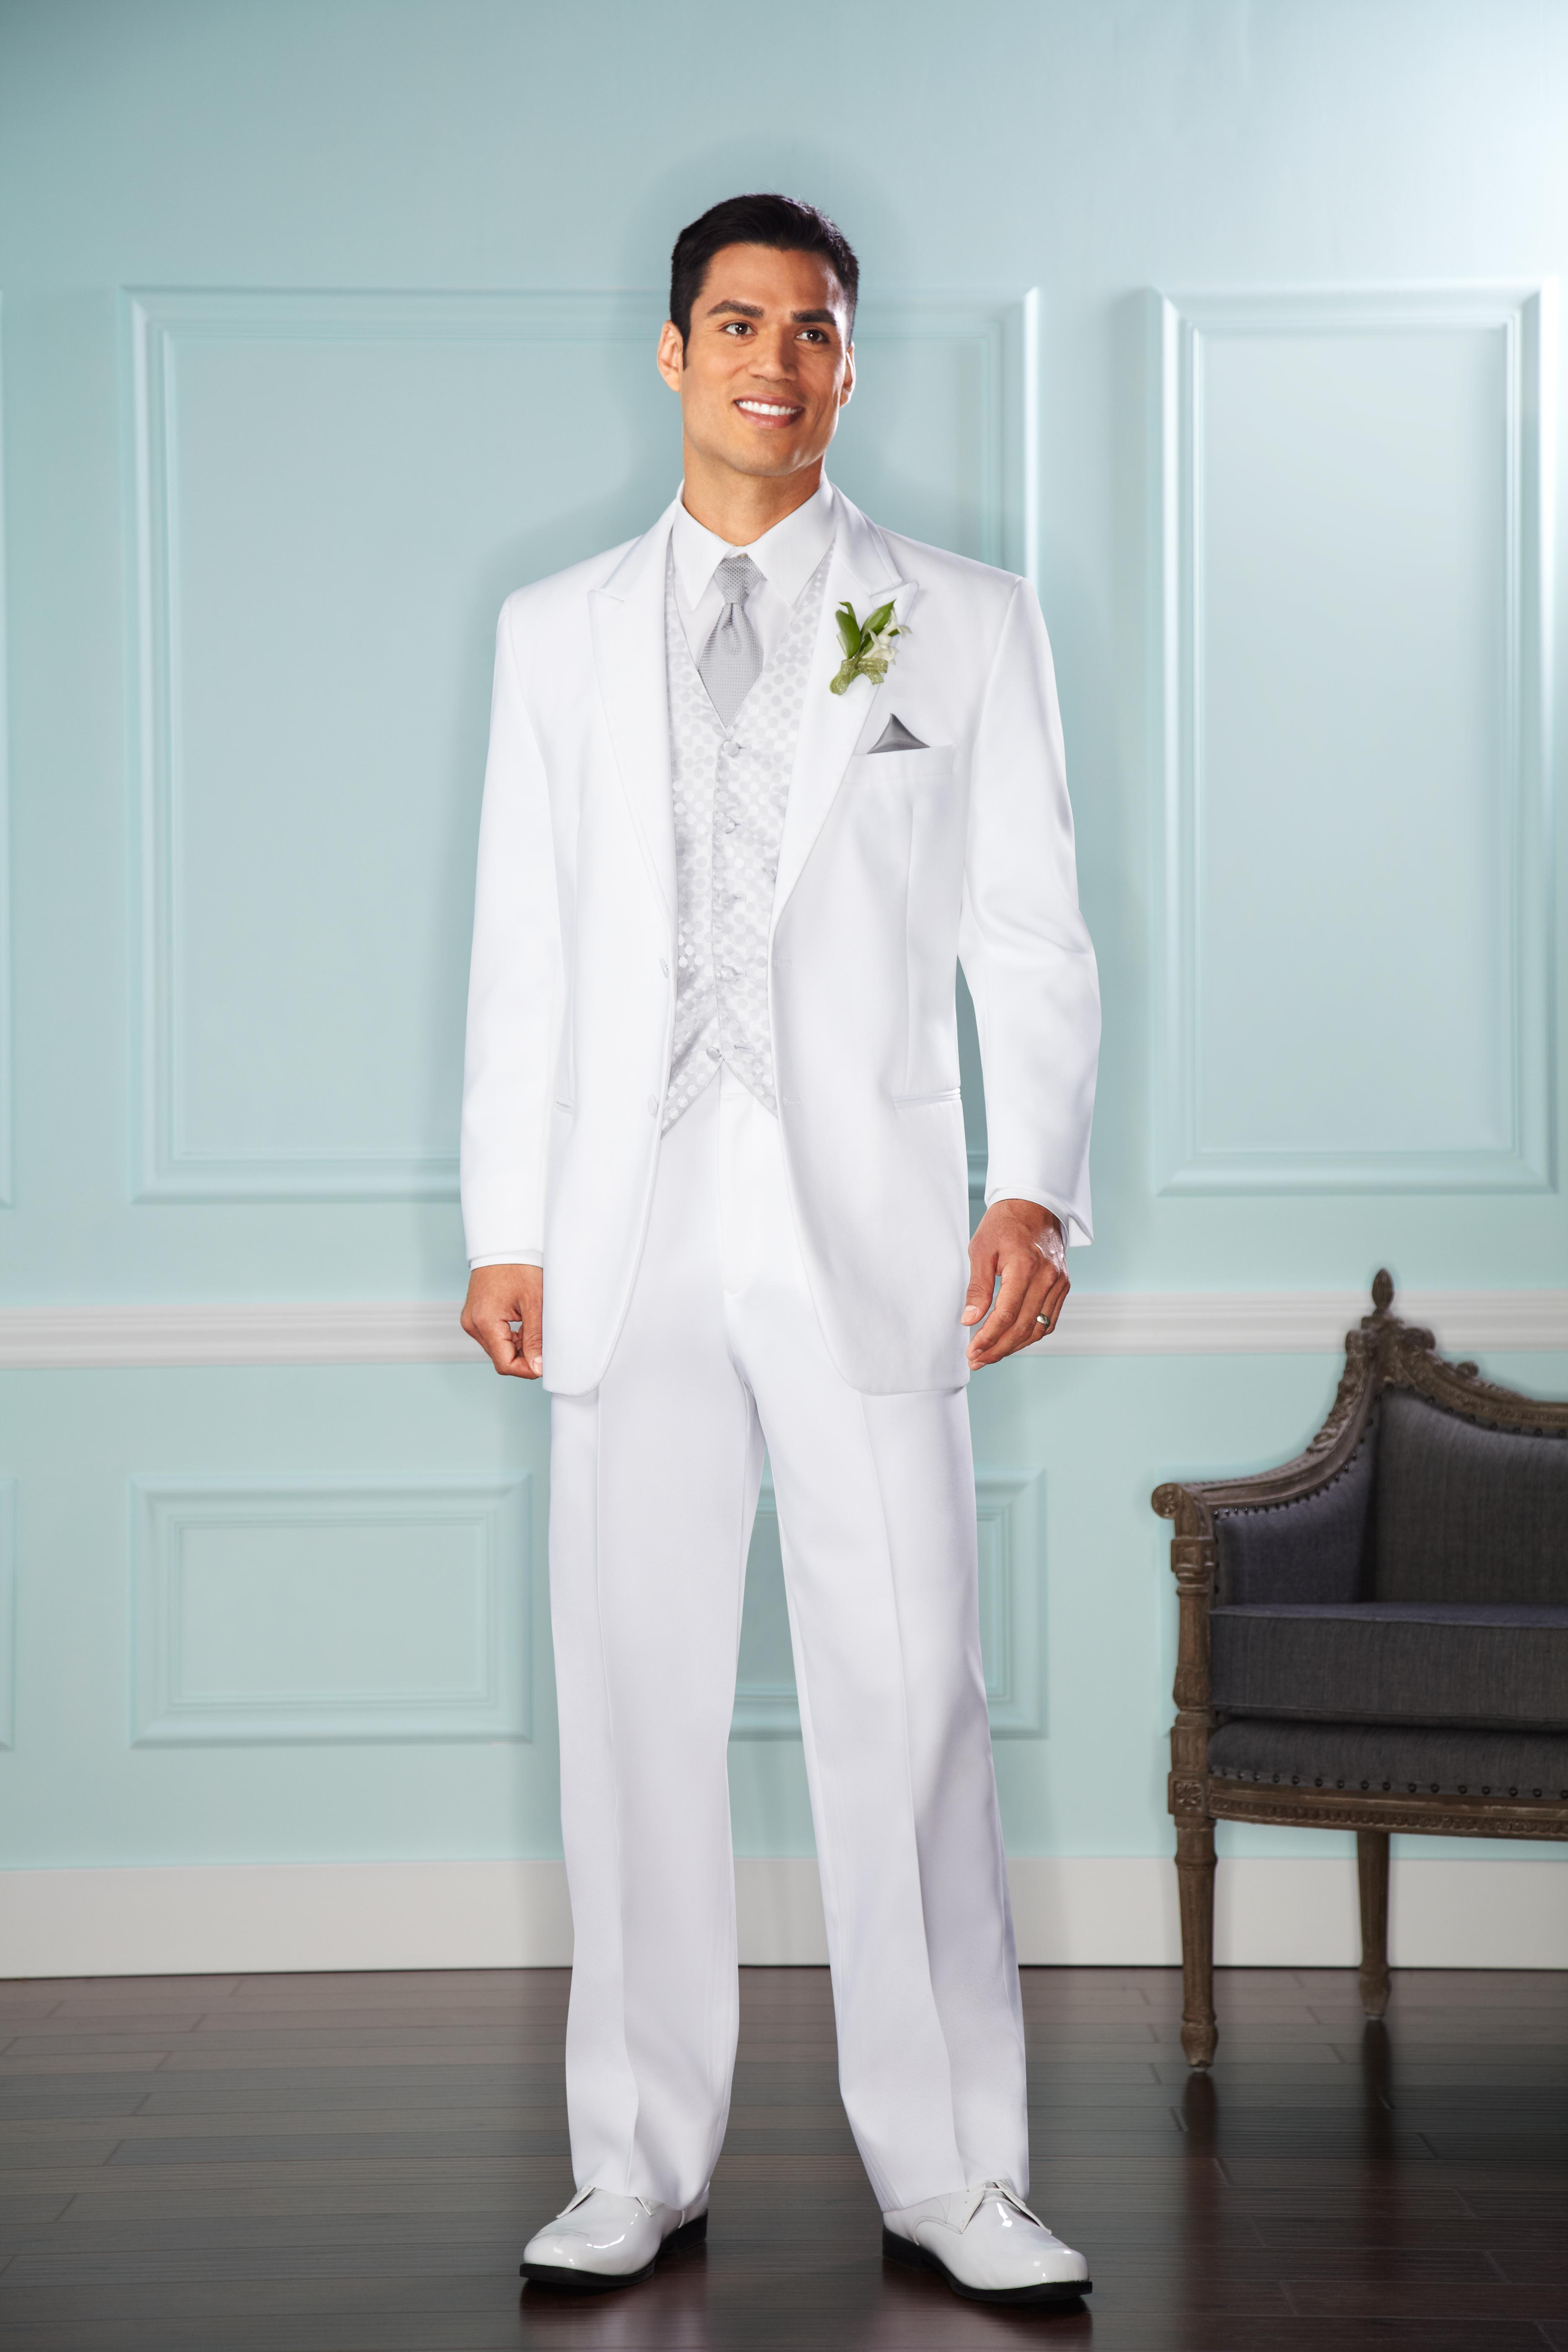 Beyaz Renkli Damatlık Modelleri 2019